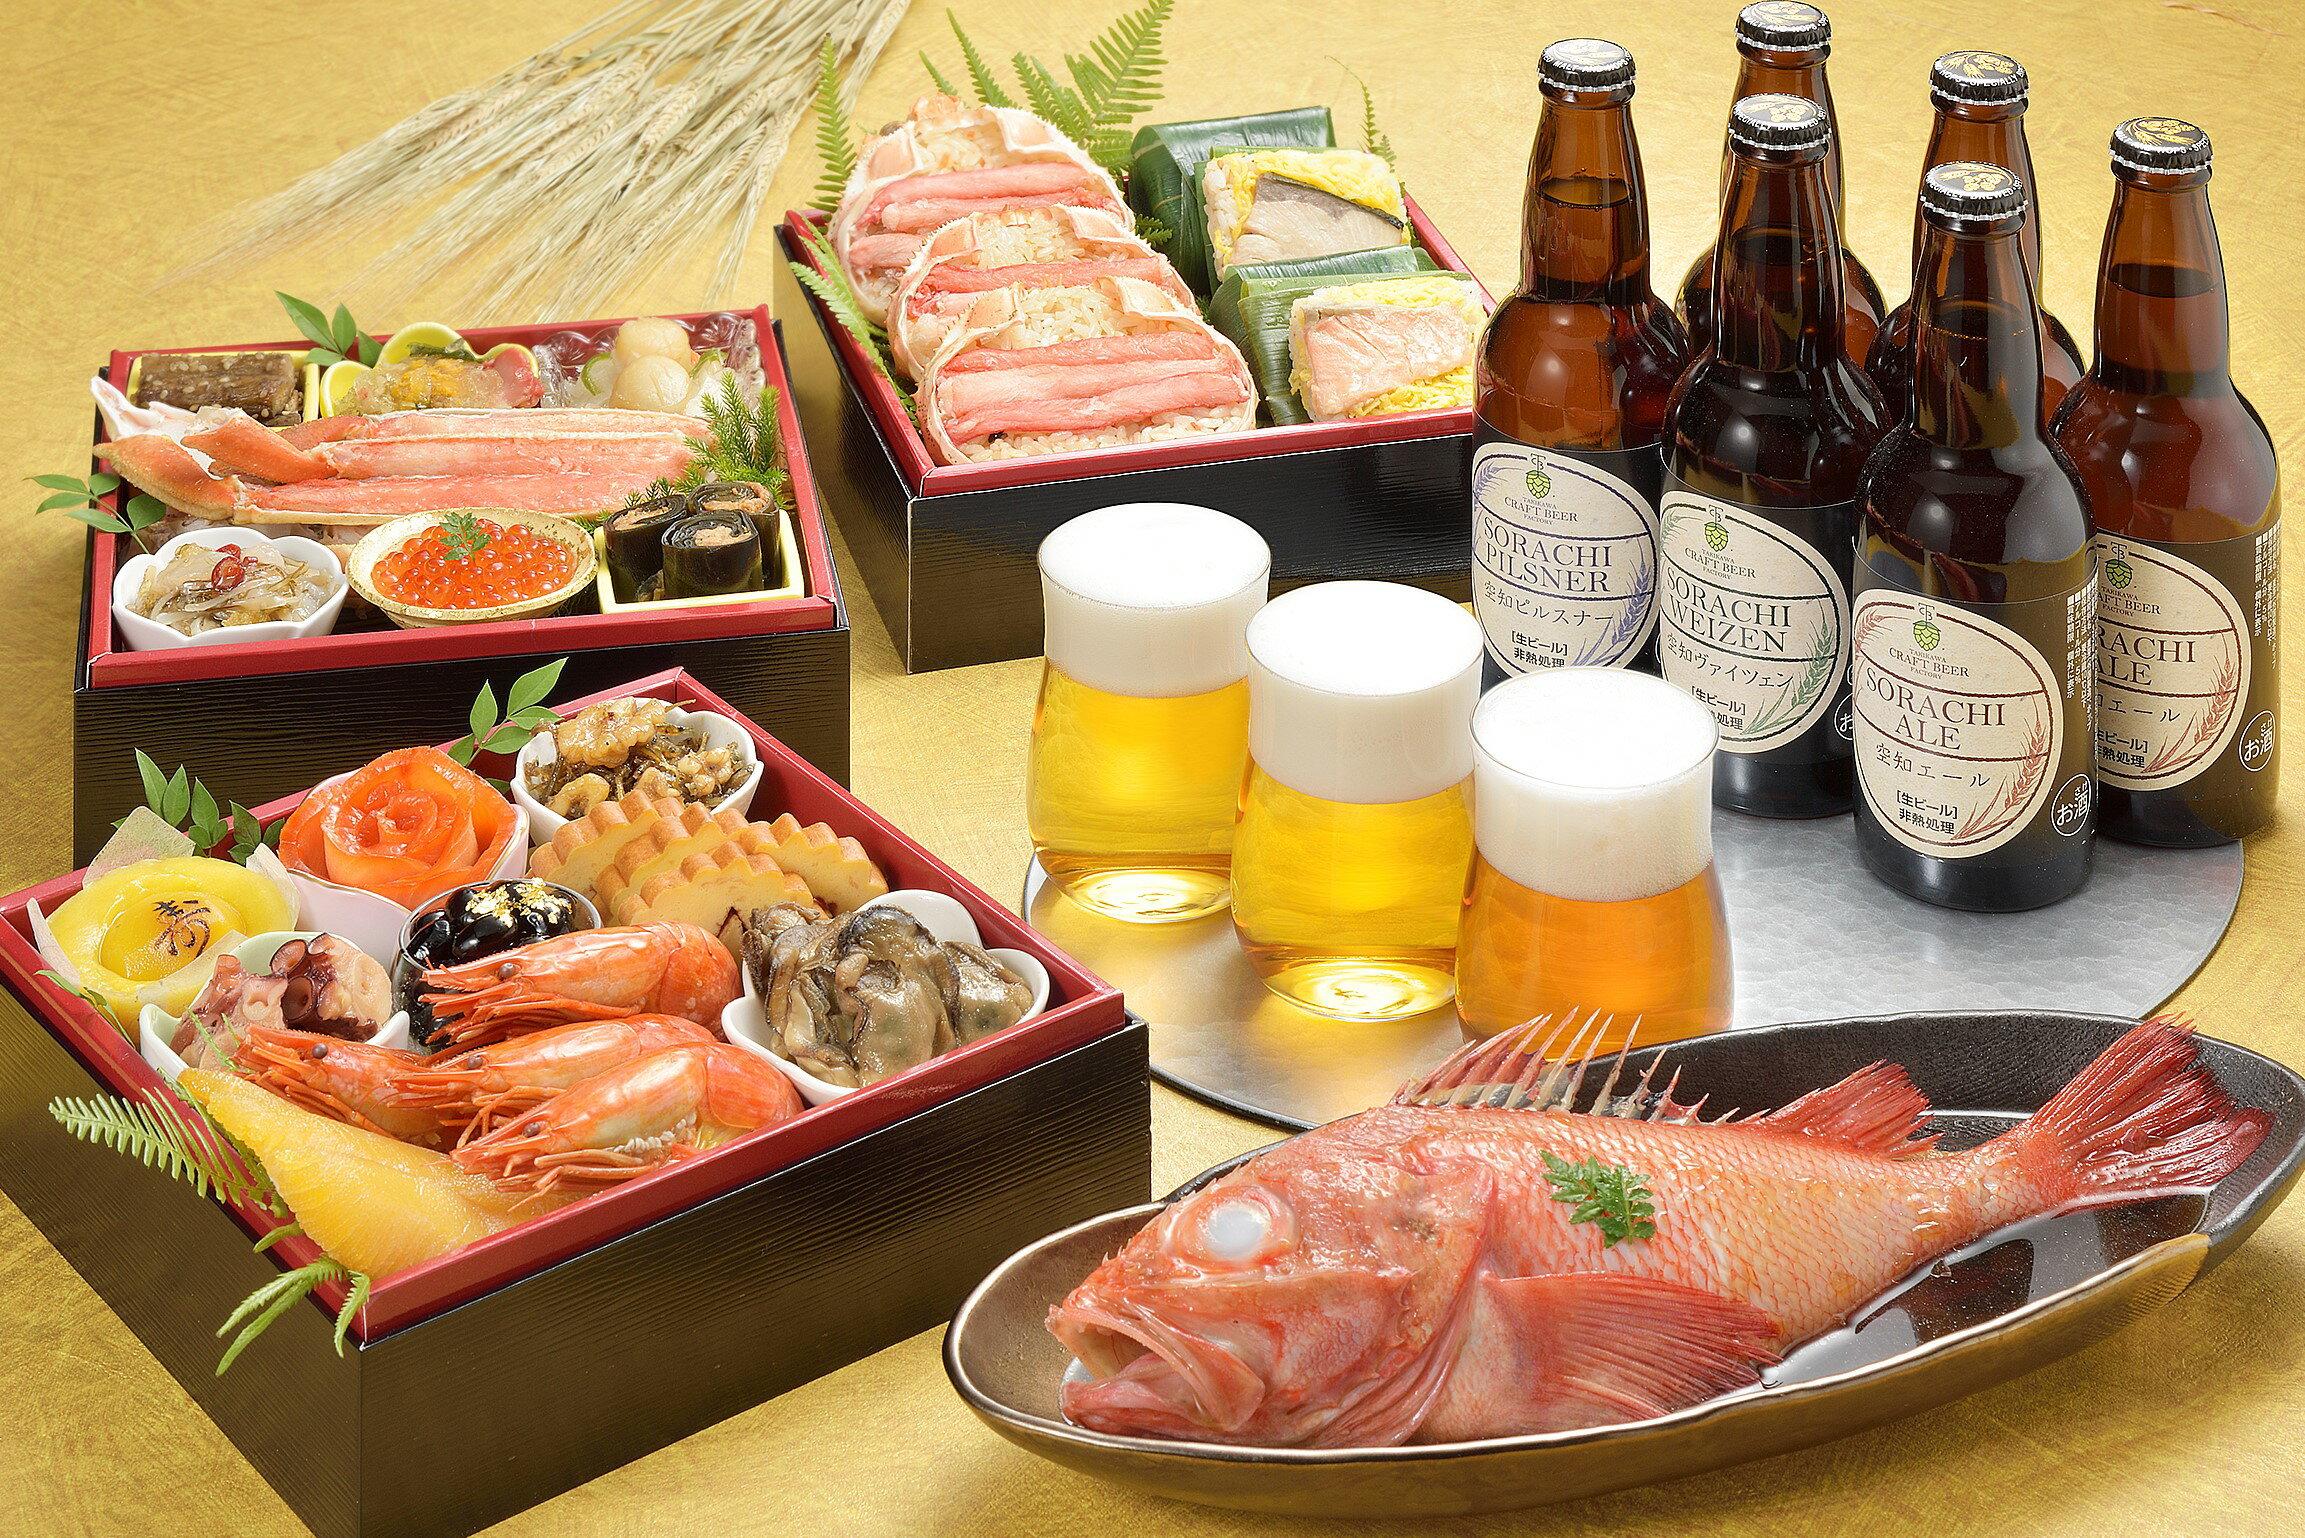 【楽天市場】【ふるさと納税】【お正月準備】おせち「北の漁師膳」とクラフトビール6本の通販